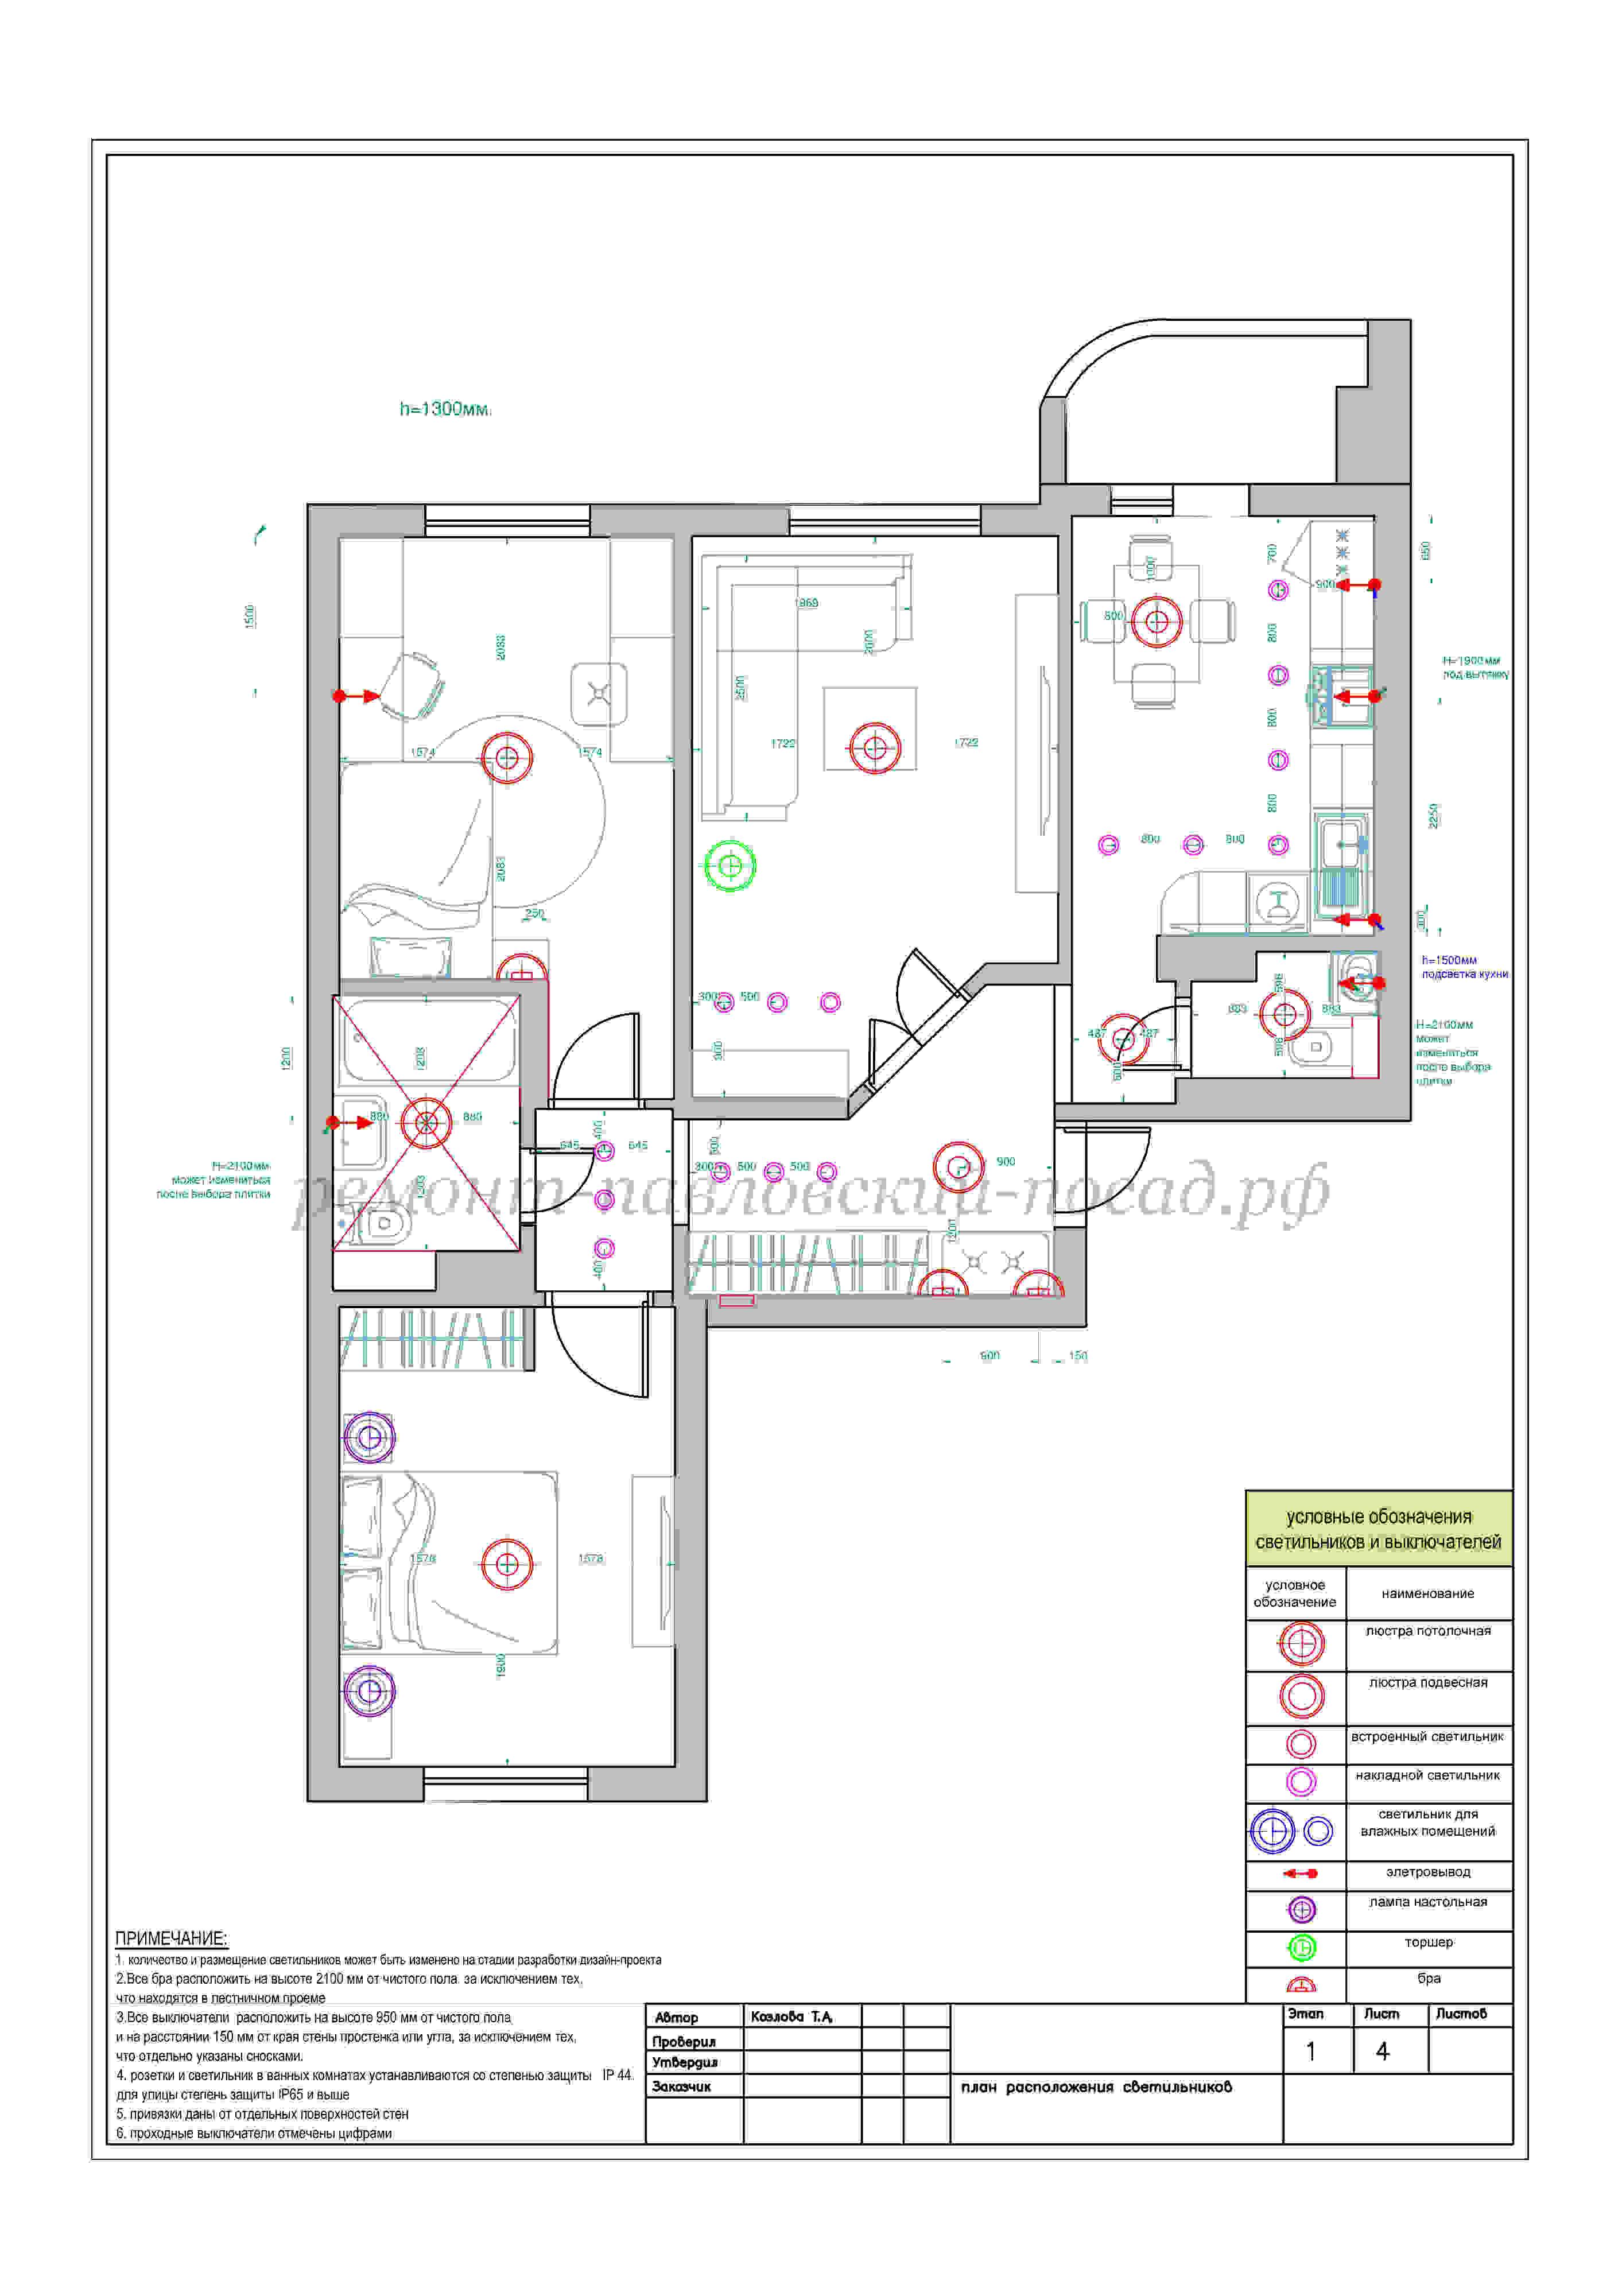 Монтажная схема электропроводки в трехкомнатной квартиры